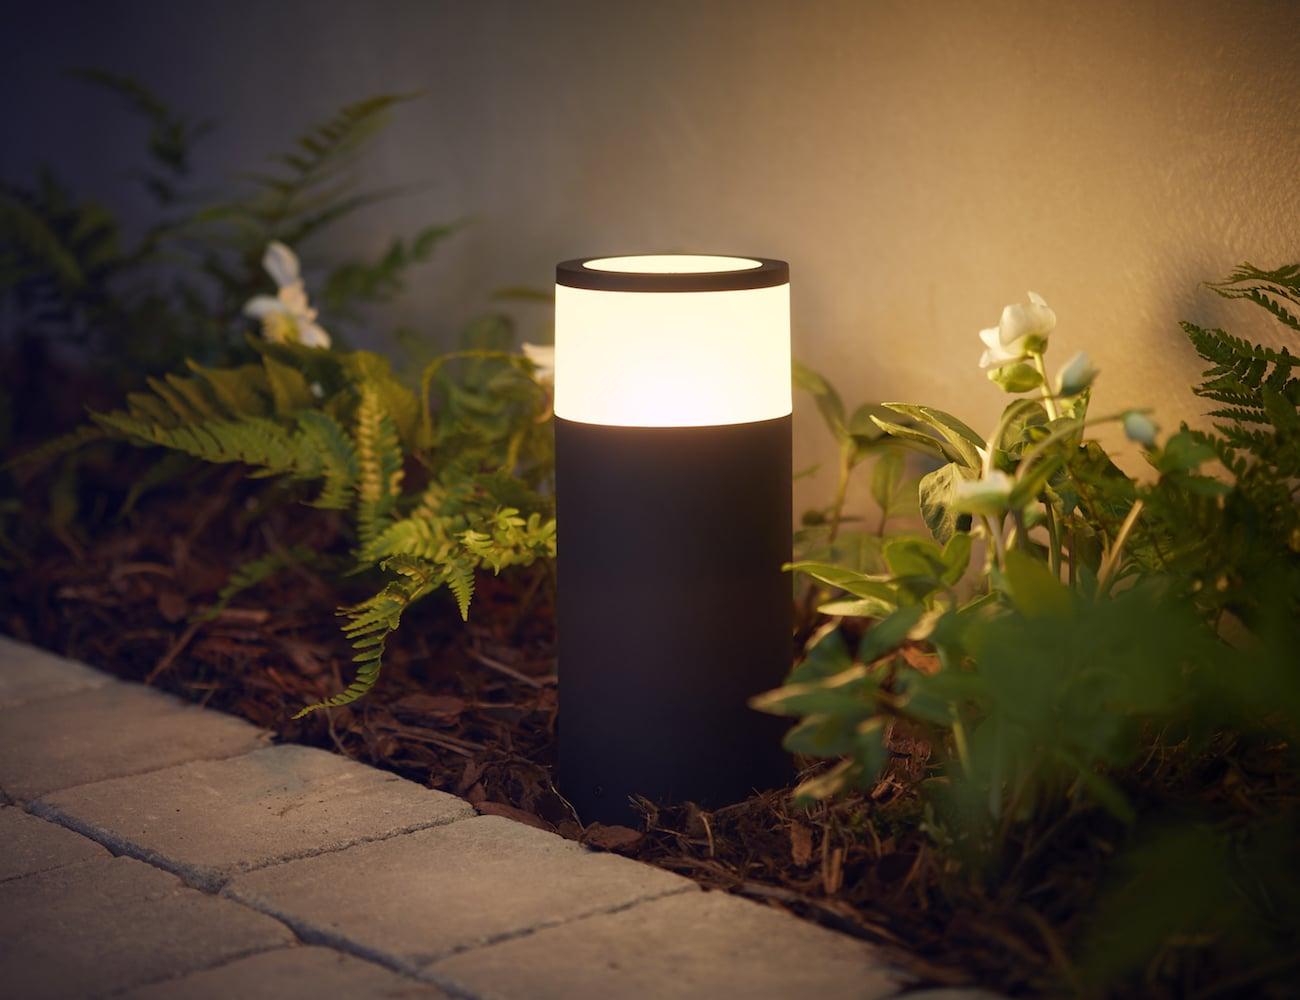 Philips+Hue+Outdoor+Smart+Lights